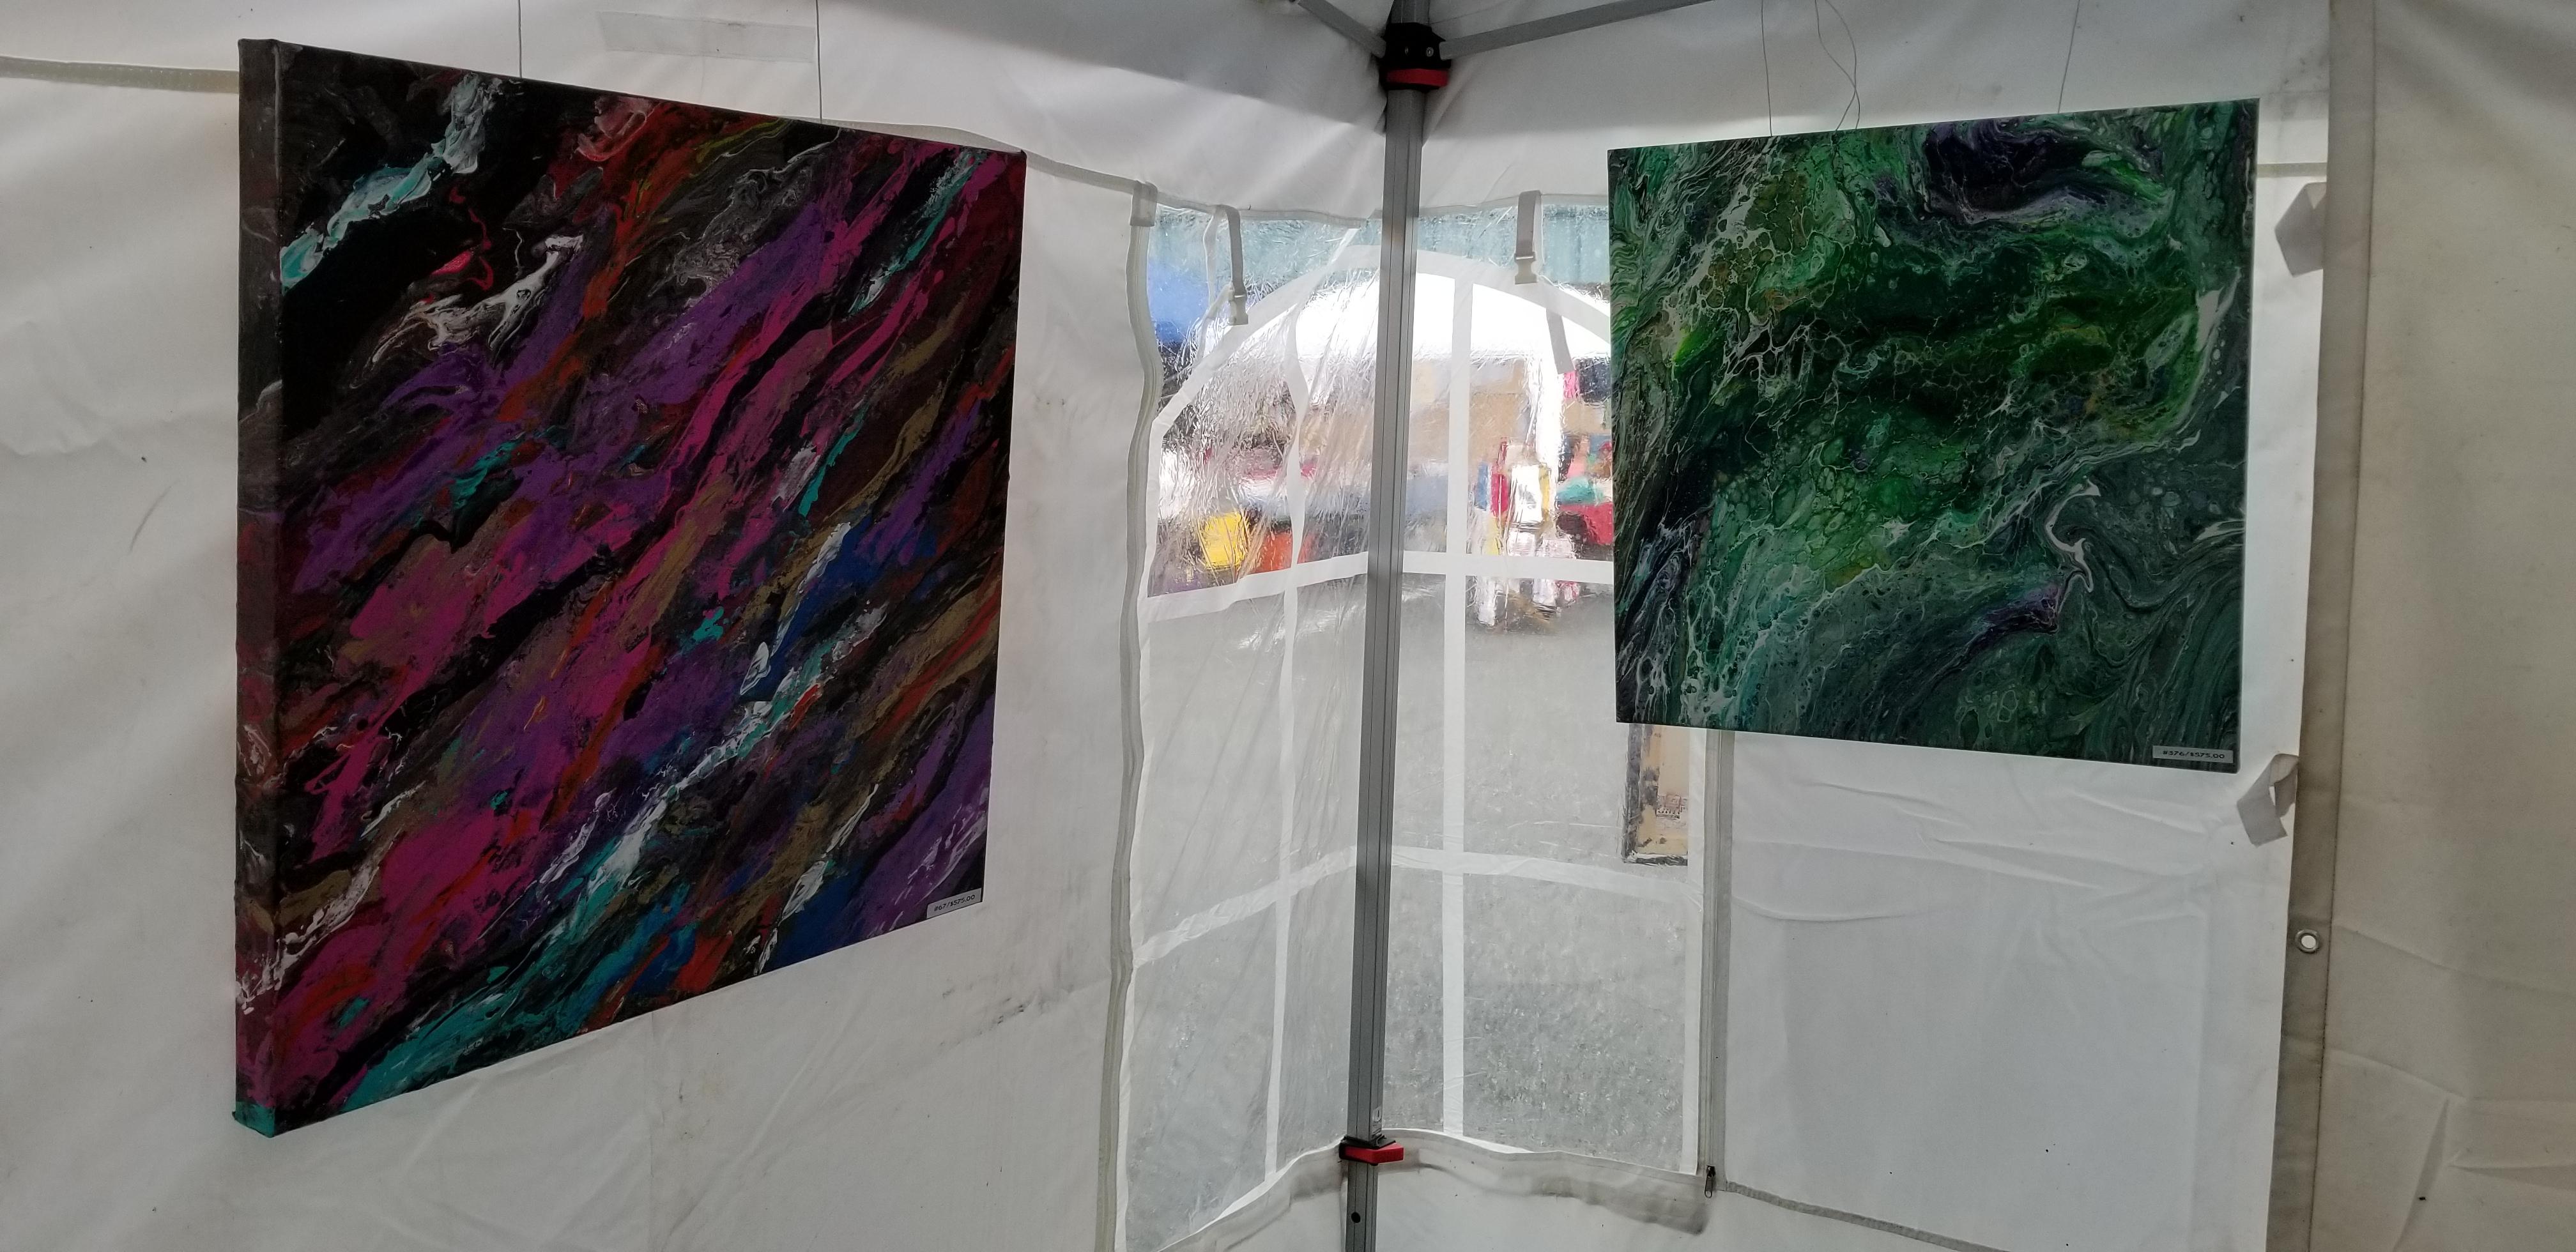 Festival 11.9-10.17S.H